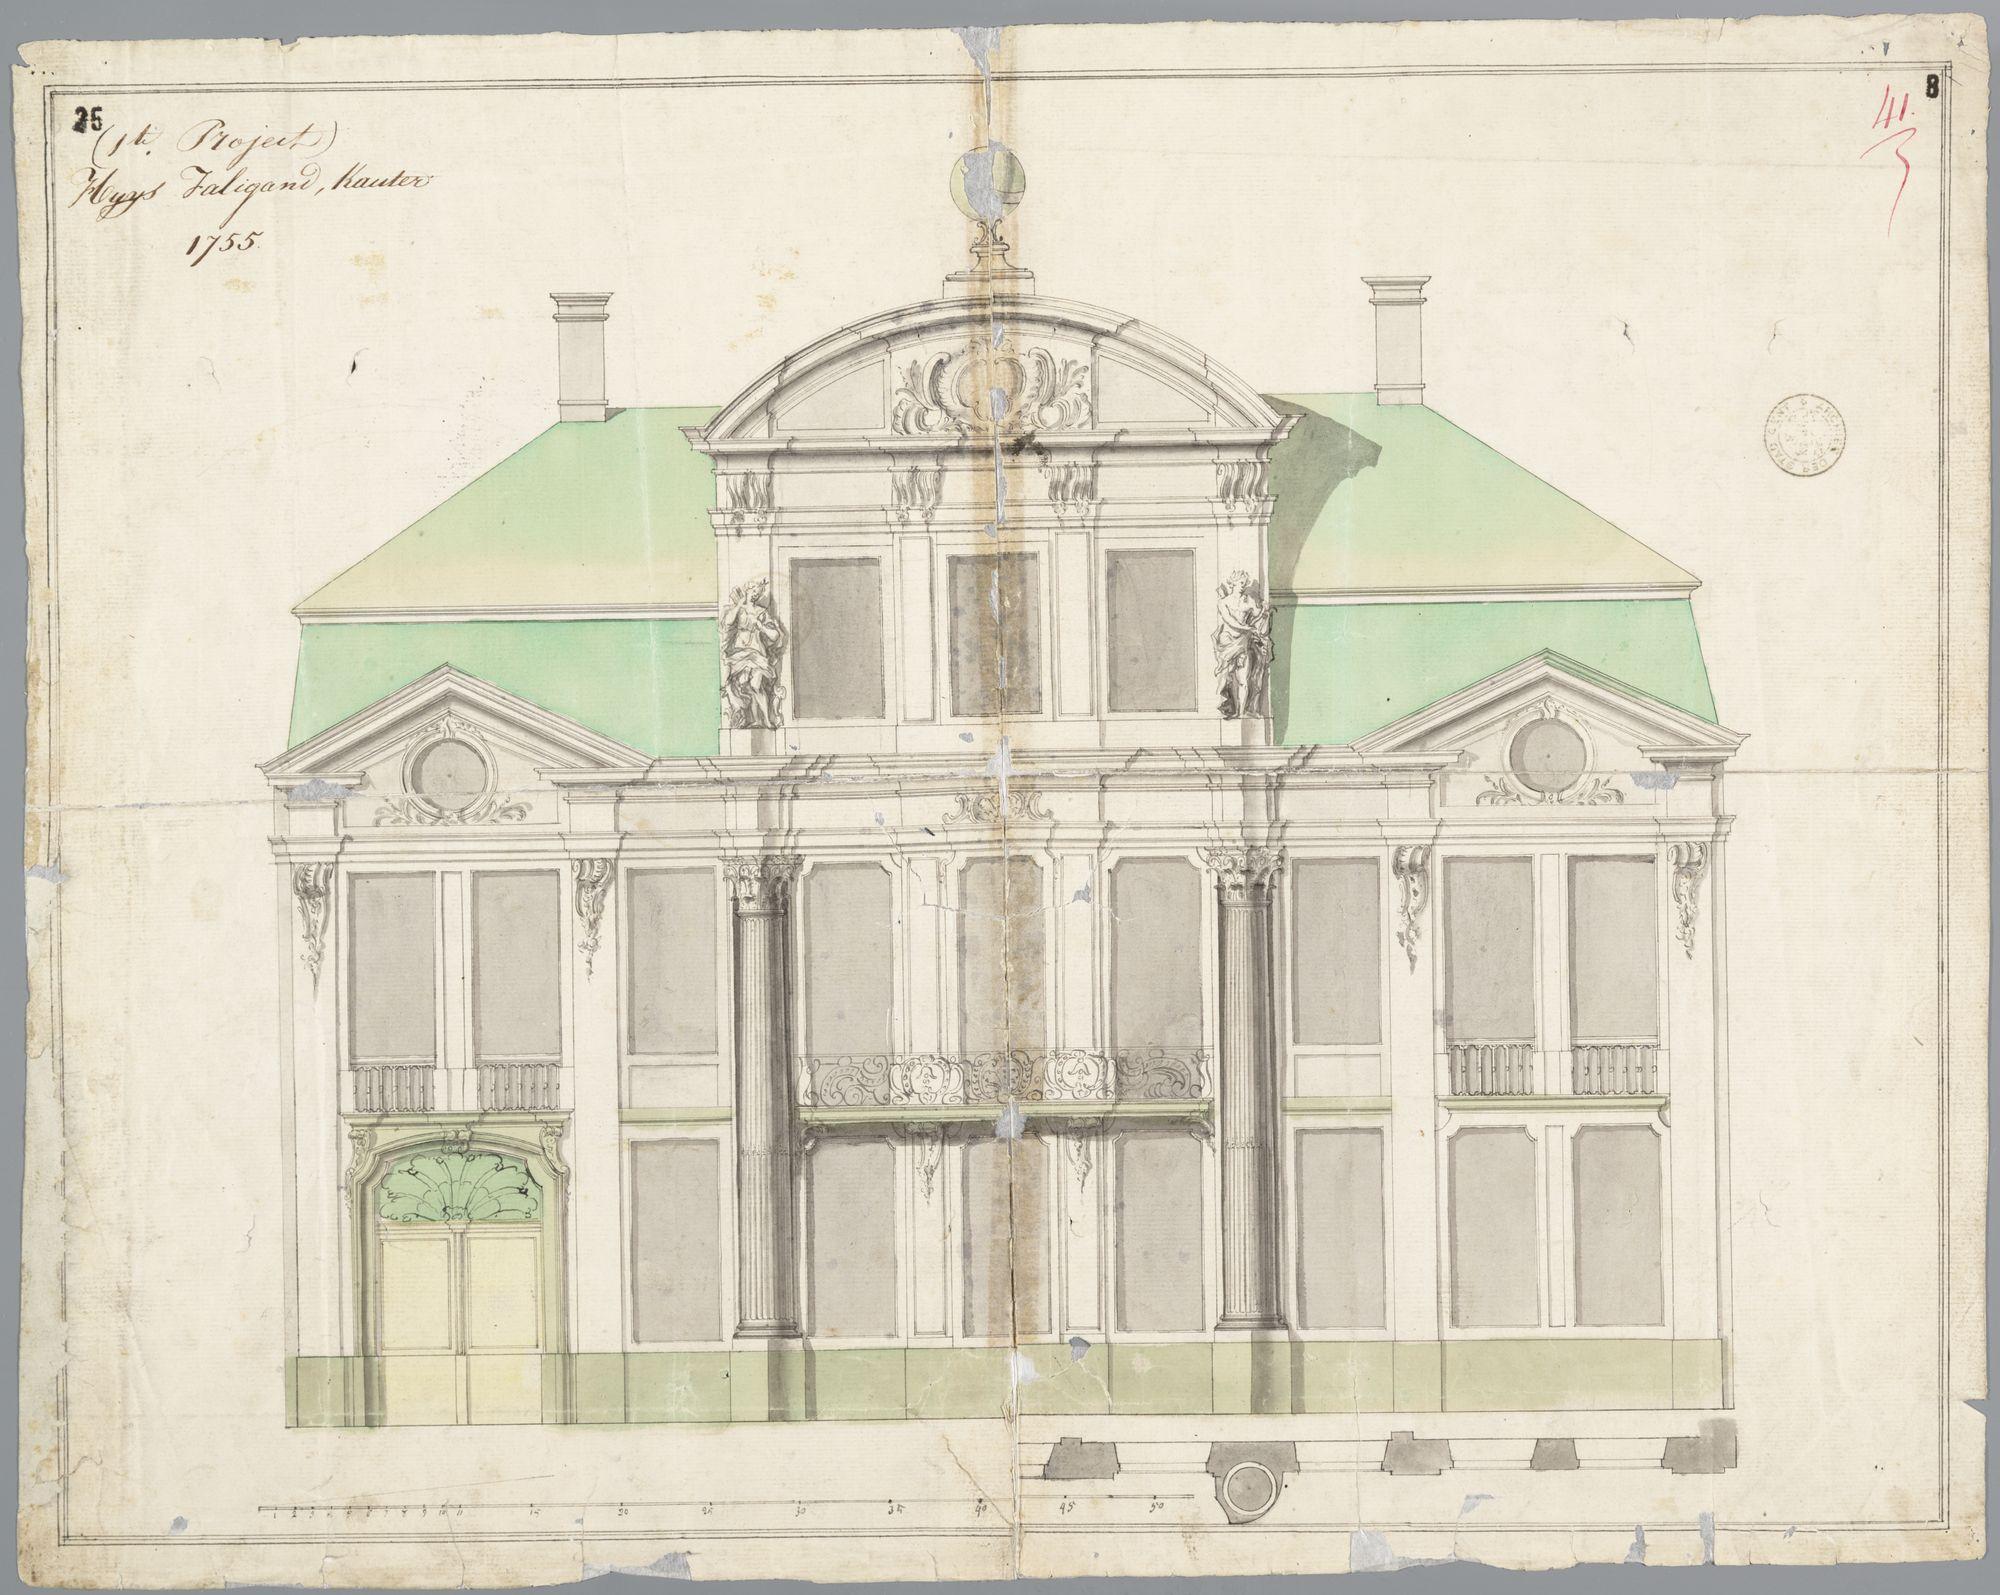 Gent: Kouter, 1755: hotel Falligan: opstand gevel